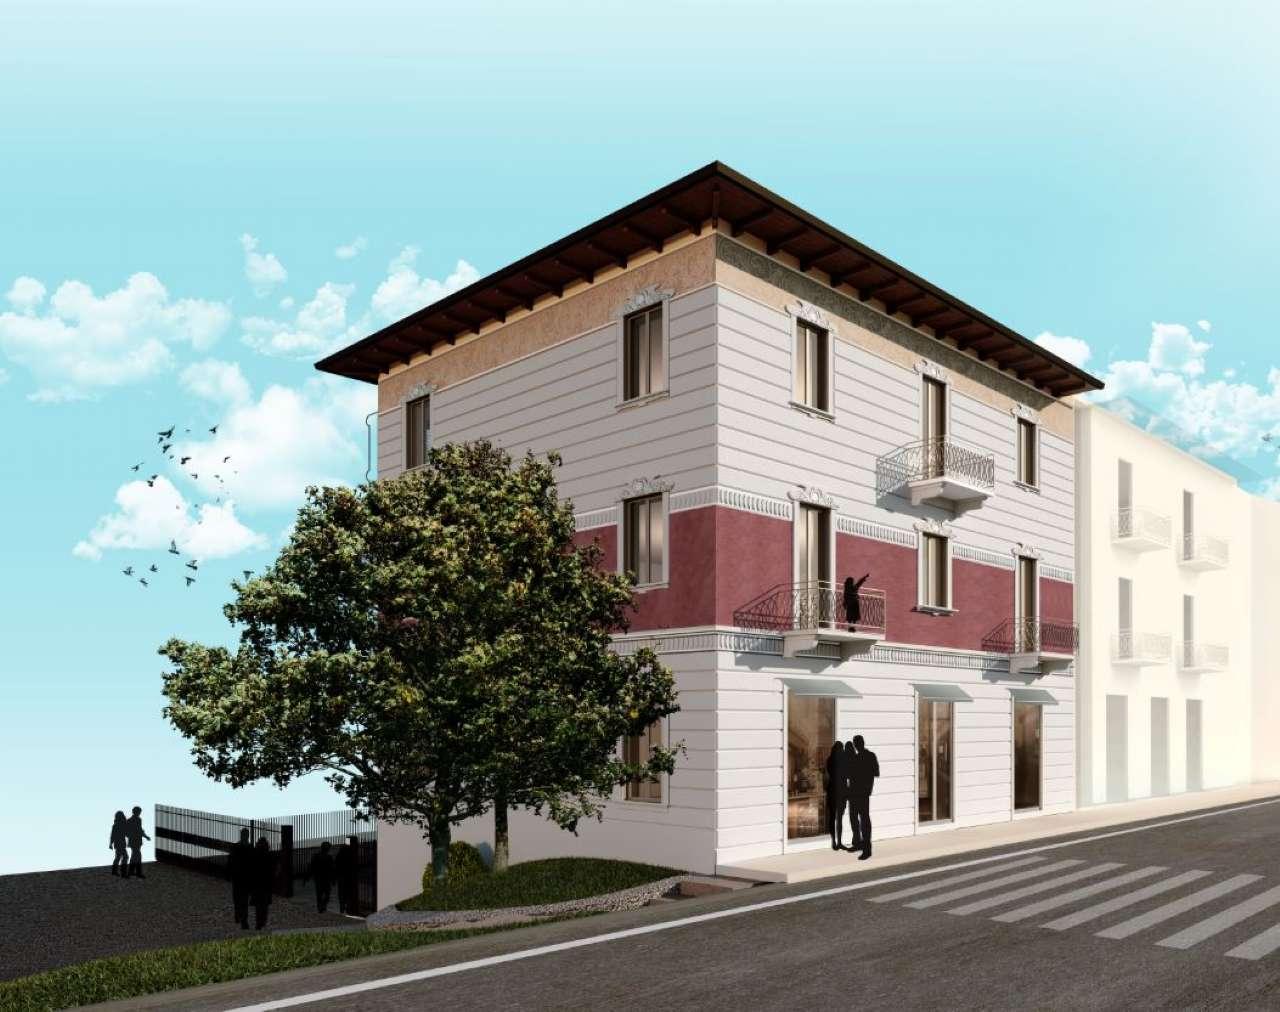 Negozio / Locale in affitto a Ciriè, 3 locali, prezzo € 650   PortaleAgenzieImmobiliari.it